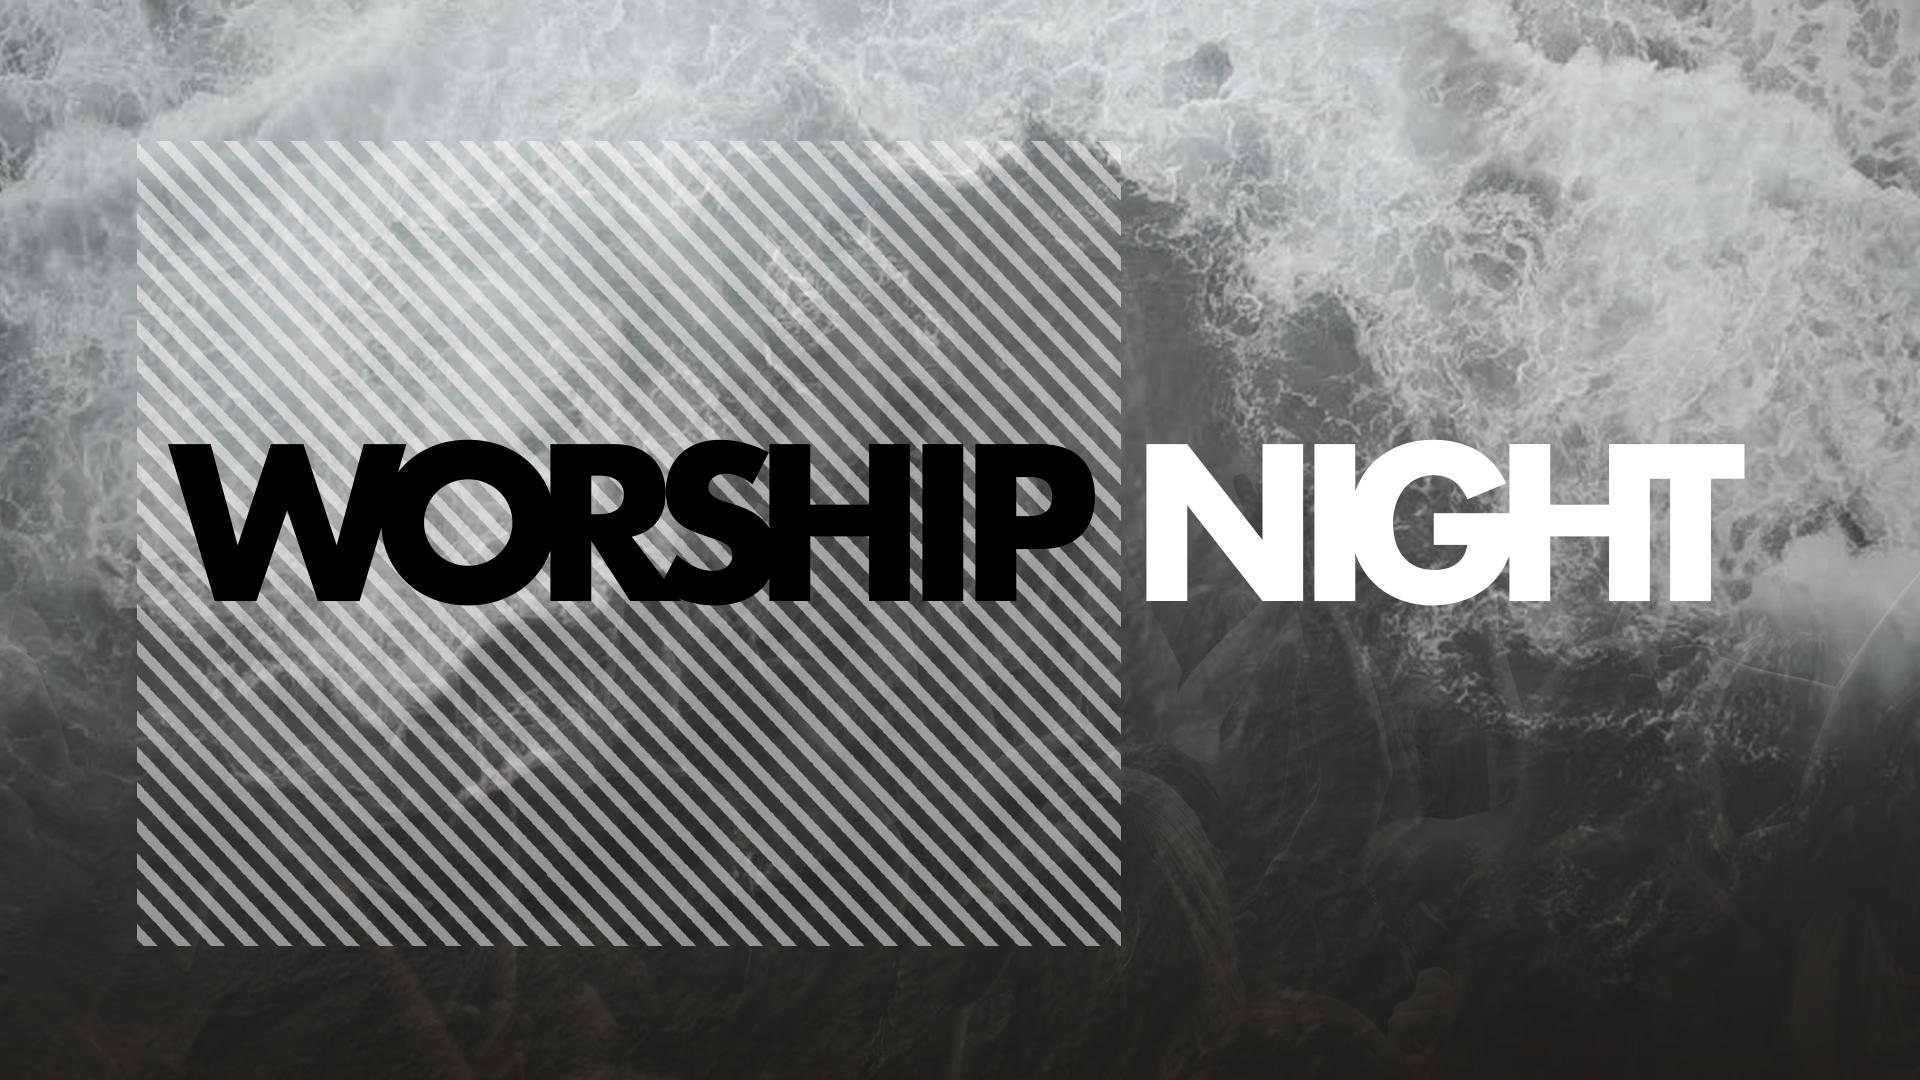 Worship Night - Graphics